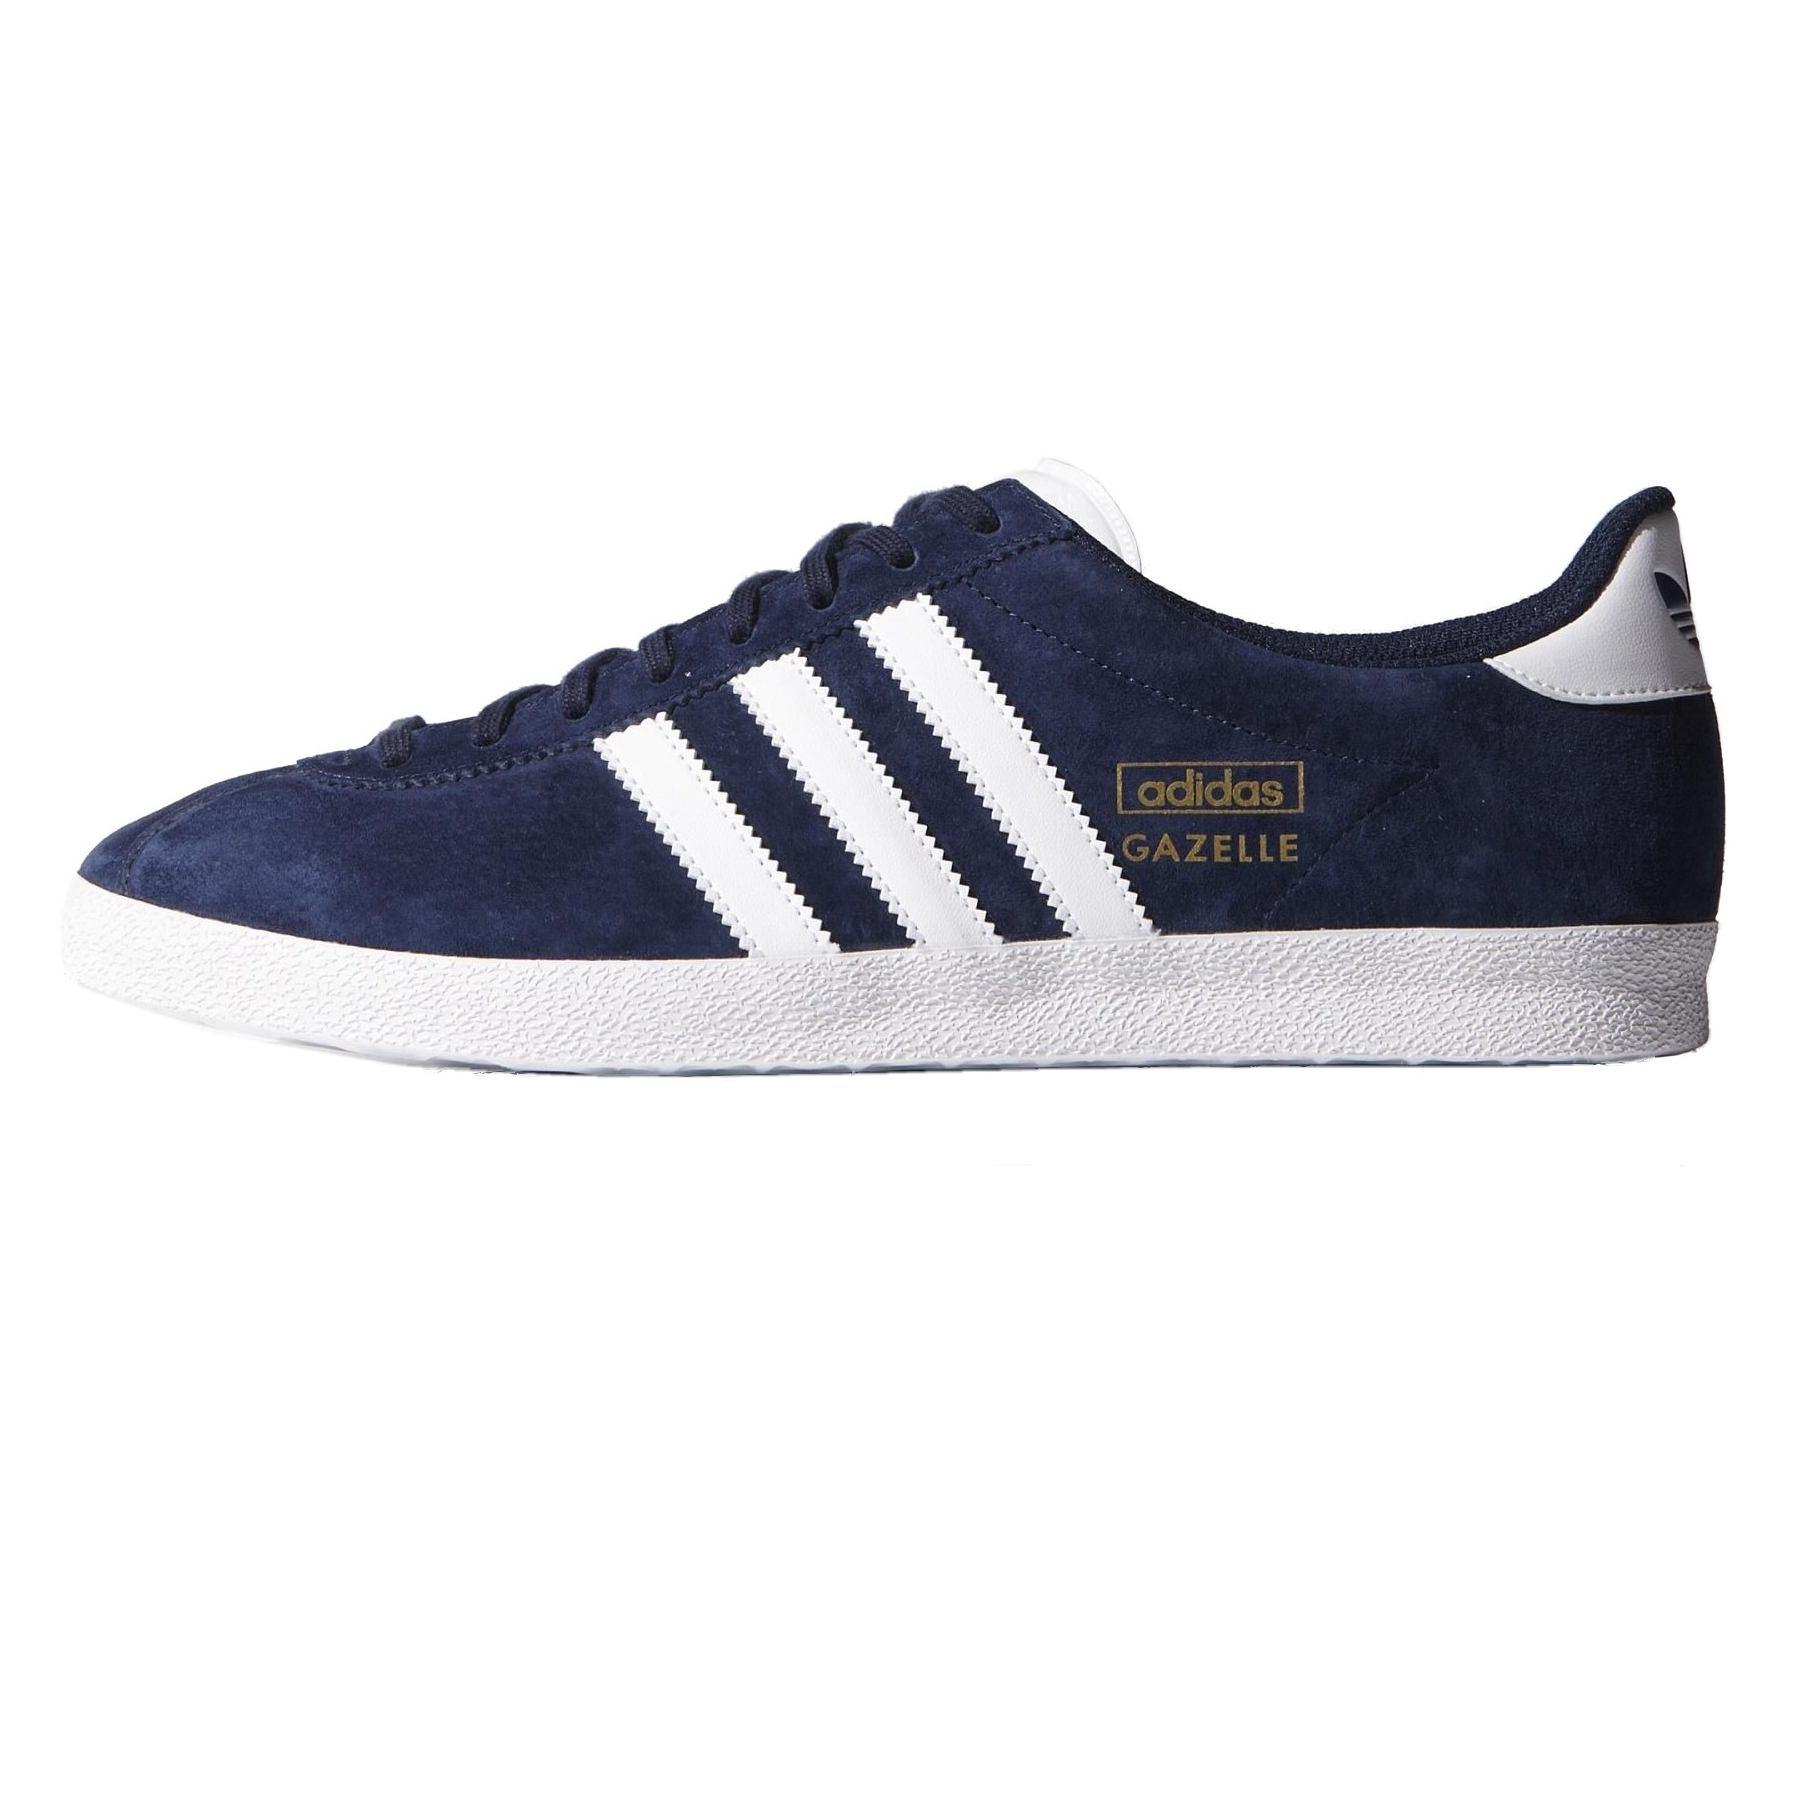 Details about Adidas Originals Gazelle OG Schuhe Sneaker Herren Damen